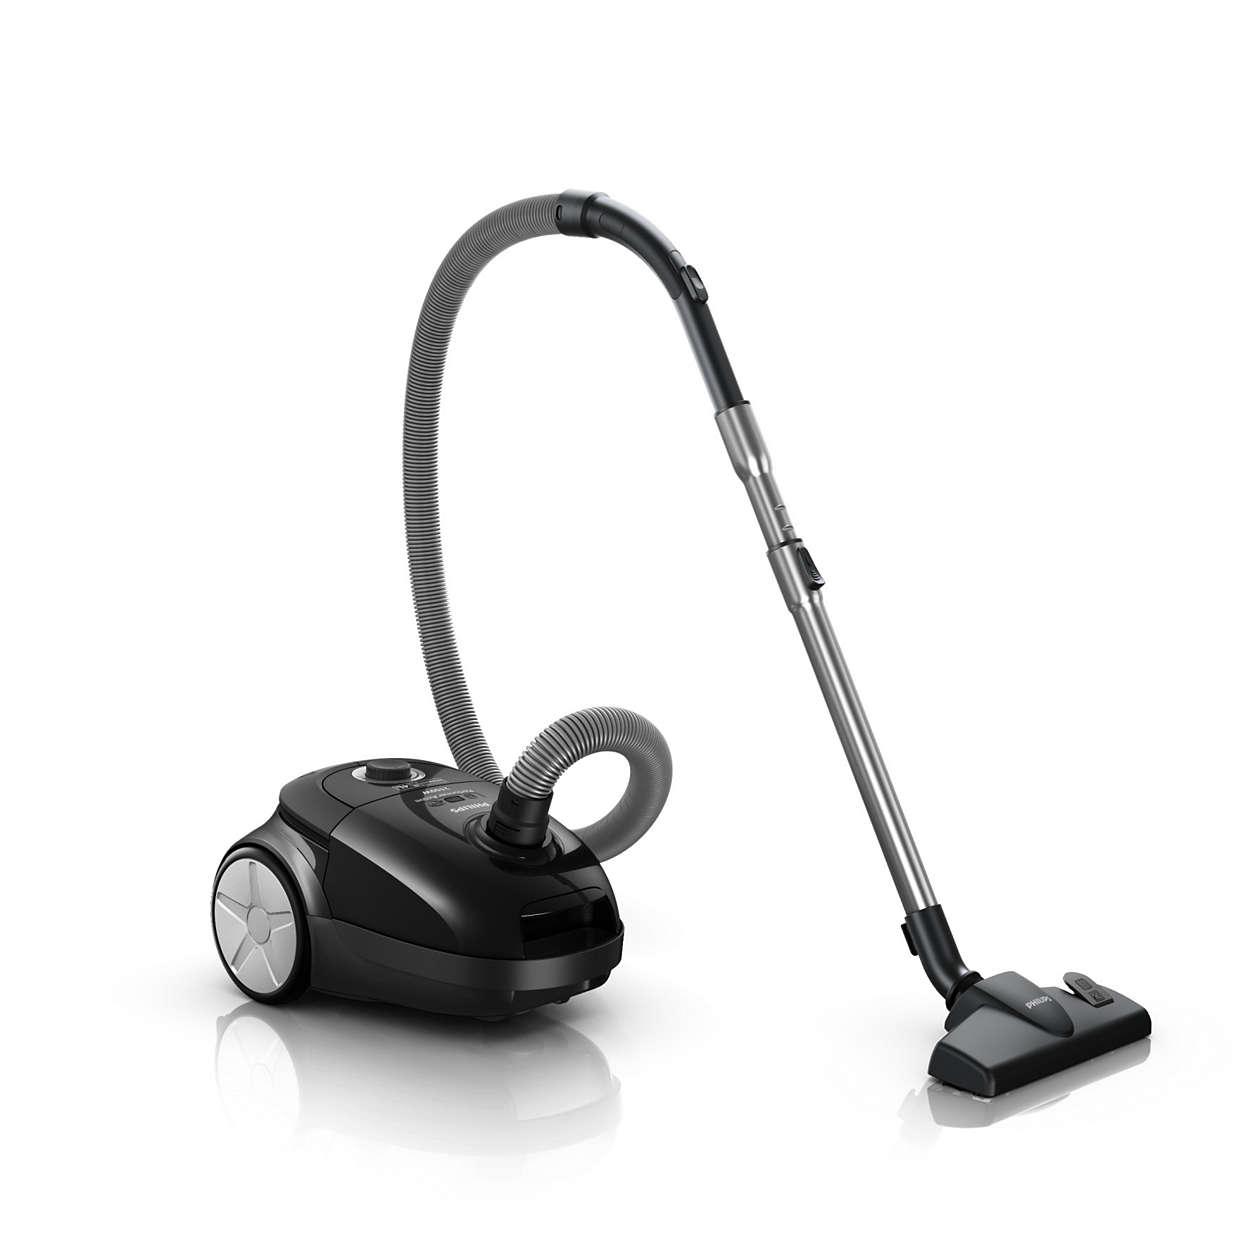 Maximální sací výkon pro lepší výsledky čištění*